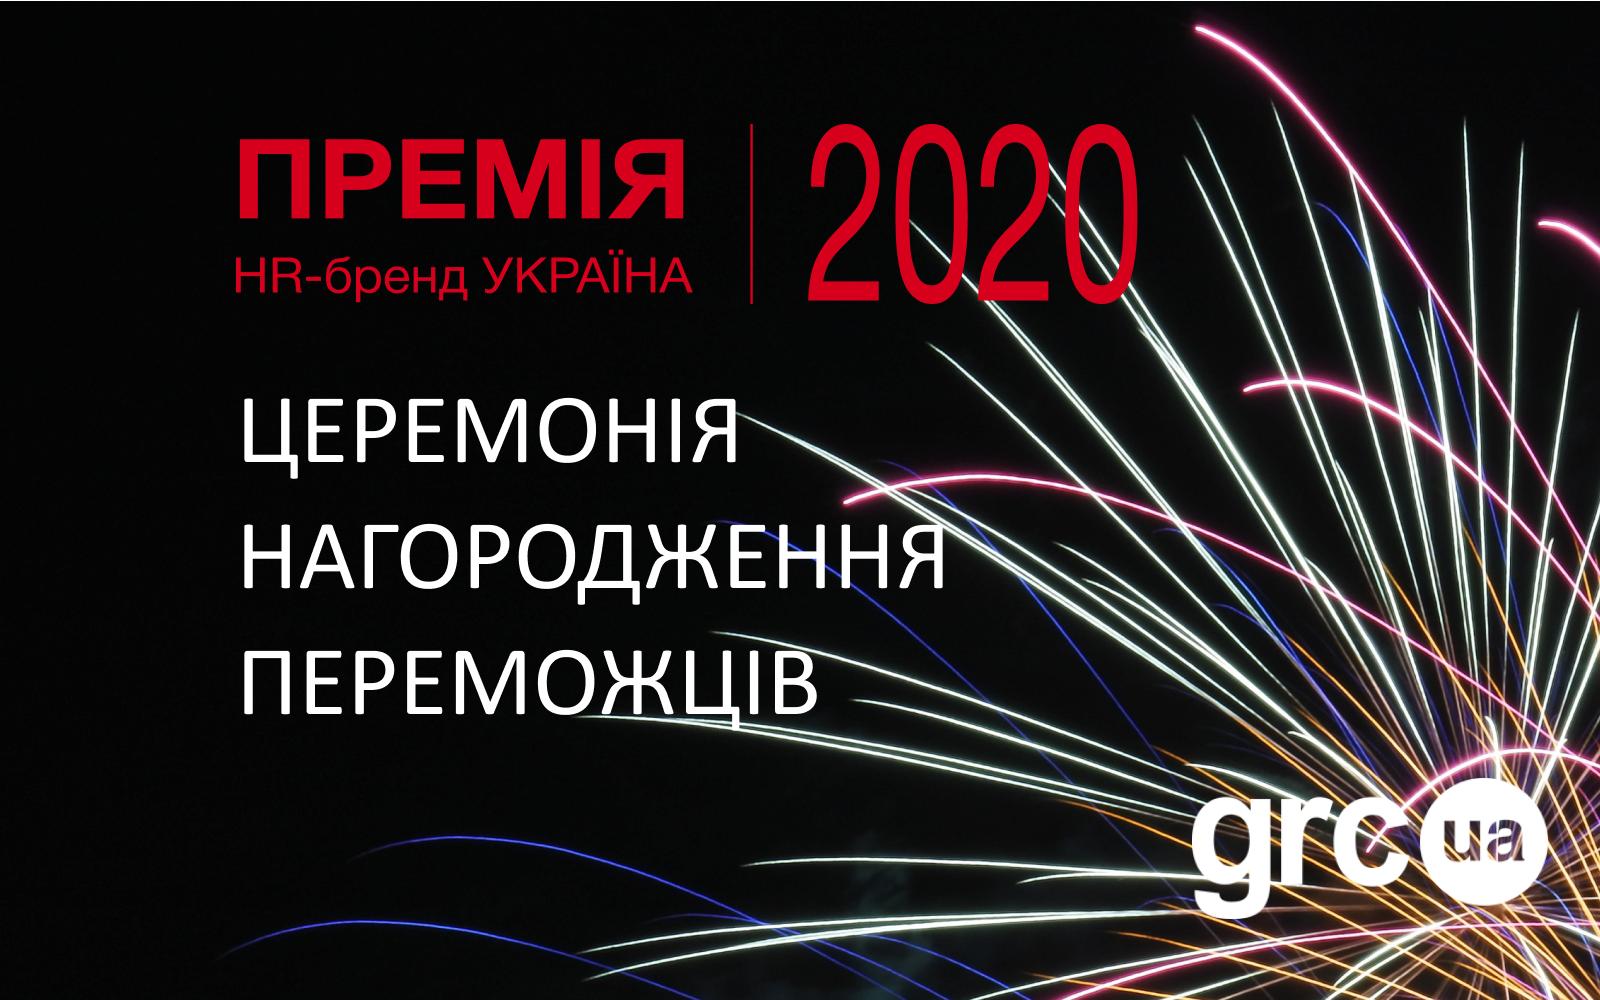 Премія HR-бренд Україна 2020: церемонія нагородження переможців. Онлайн-трансляція